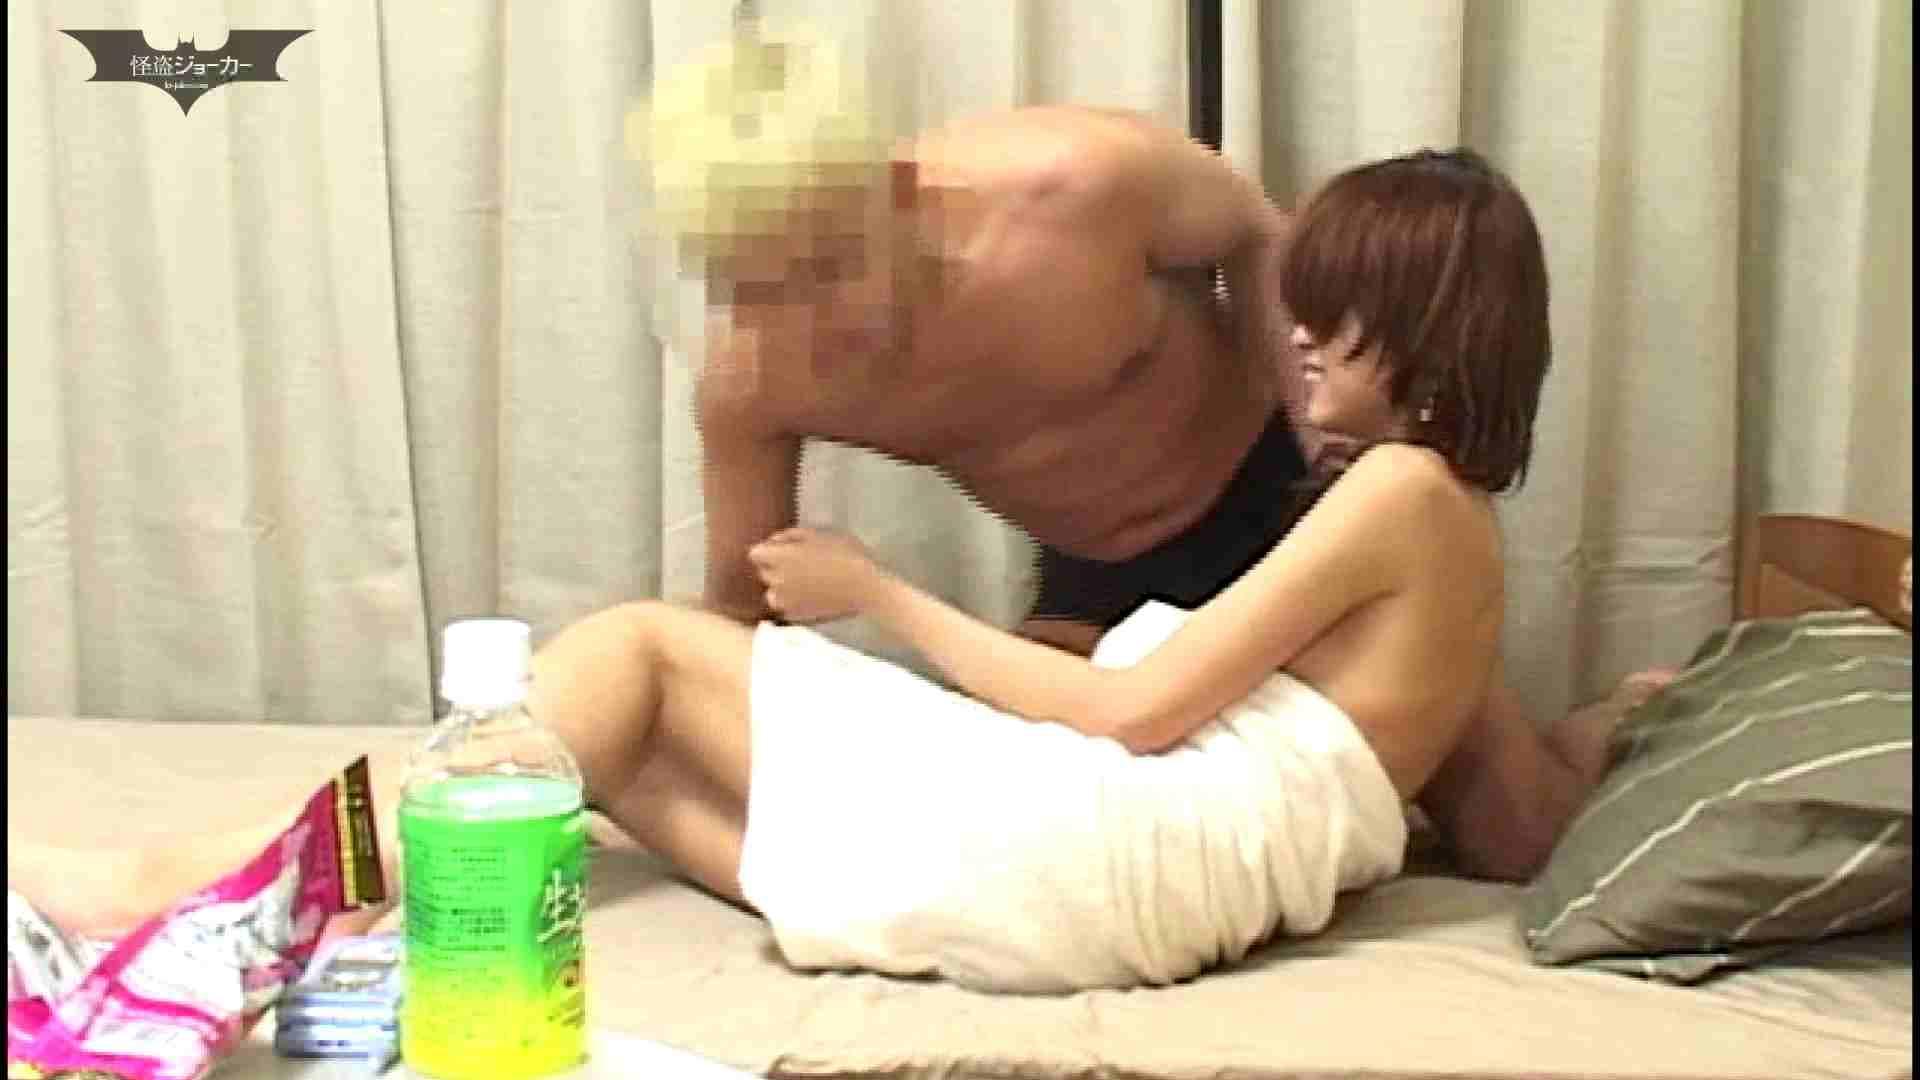 素人女良を部屋に連れ込み隠し撮りSEX!! その⑤ スレンダー美女 あきら 隠れた名作  62画像 22